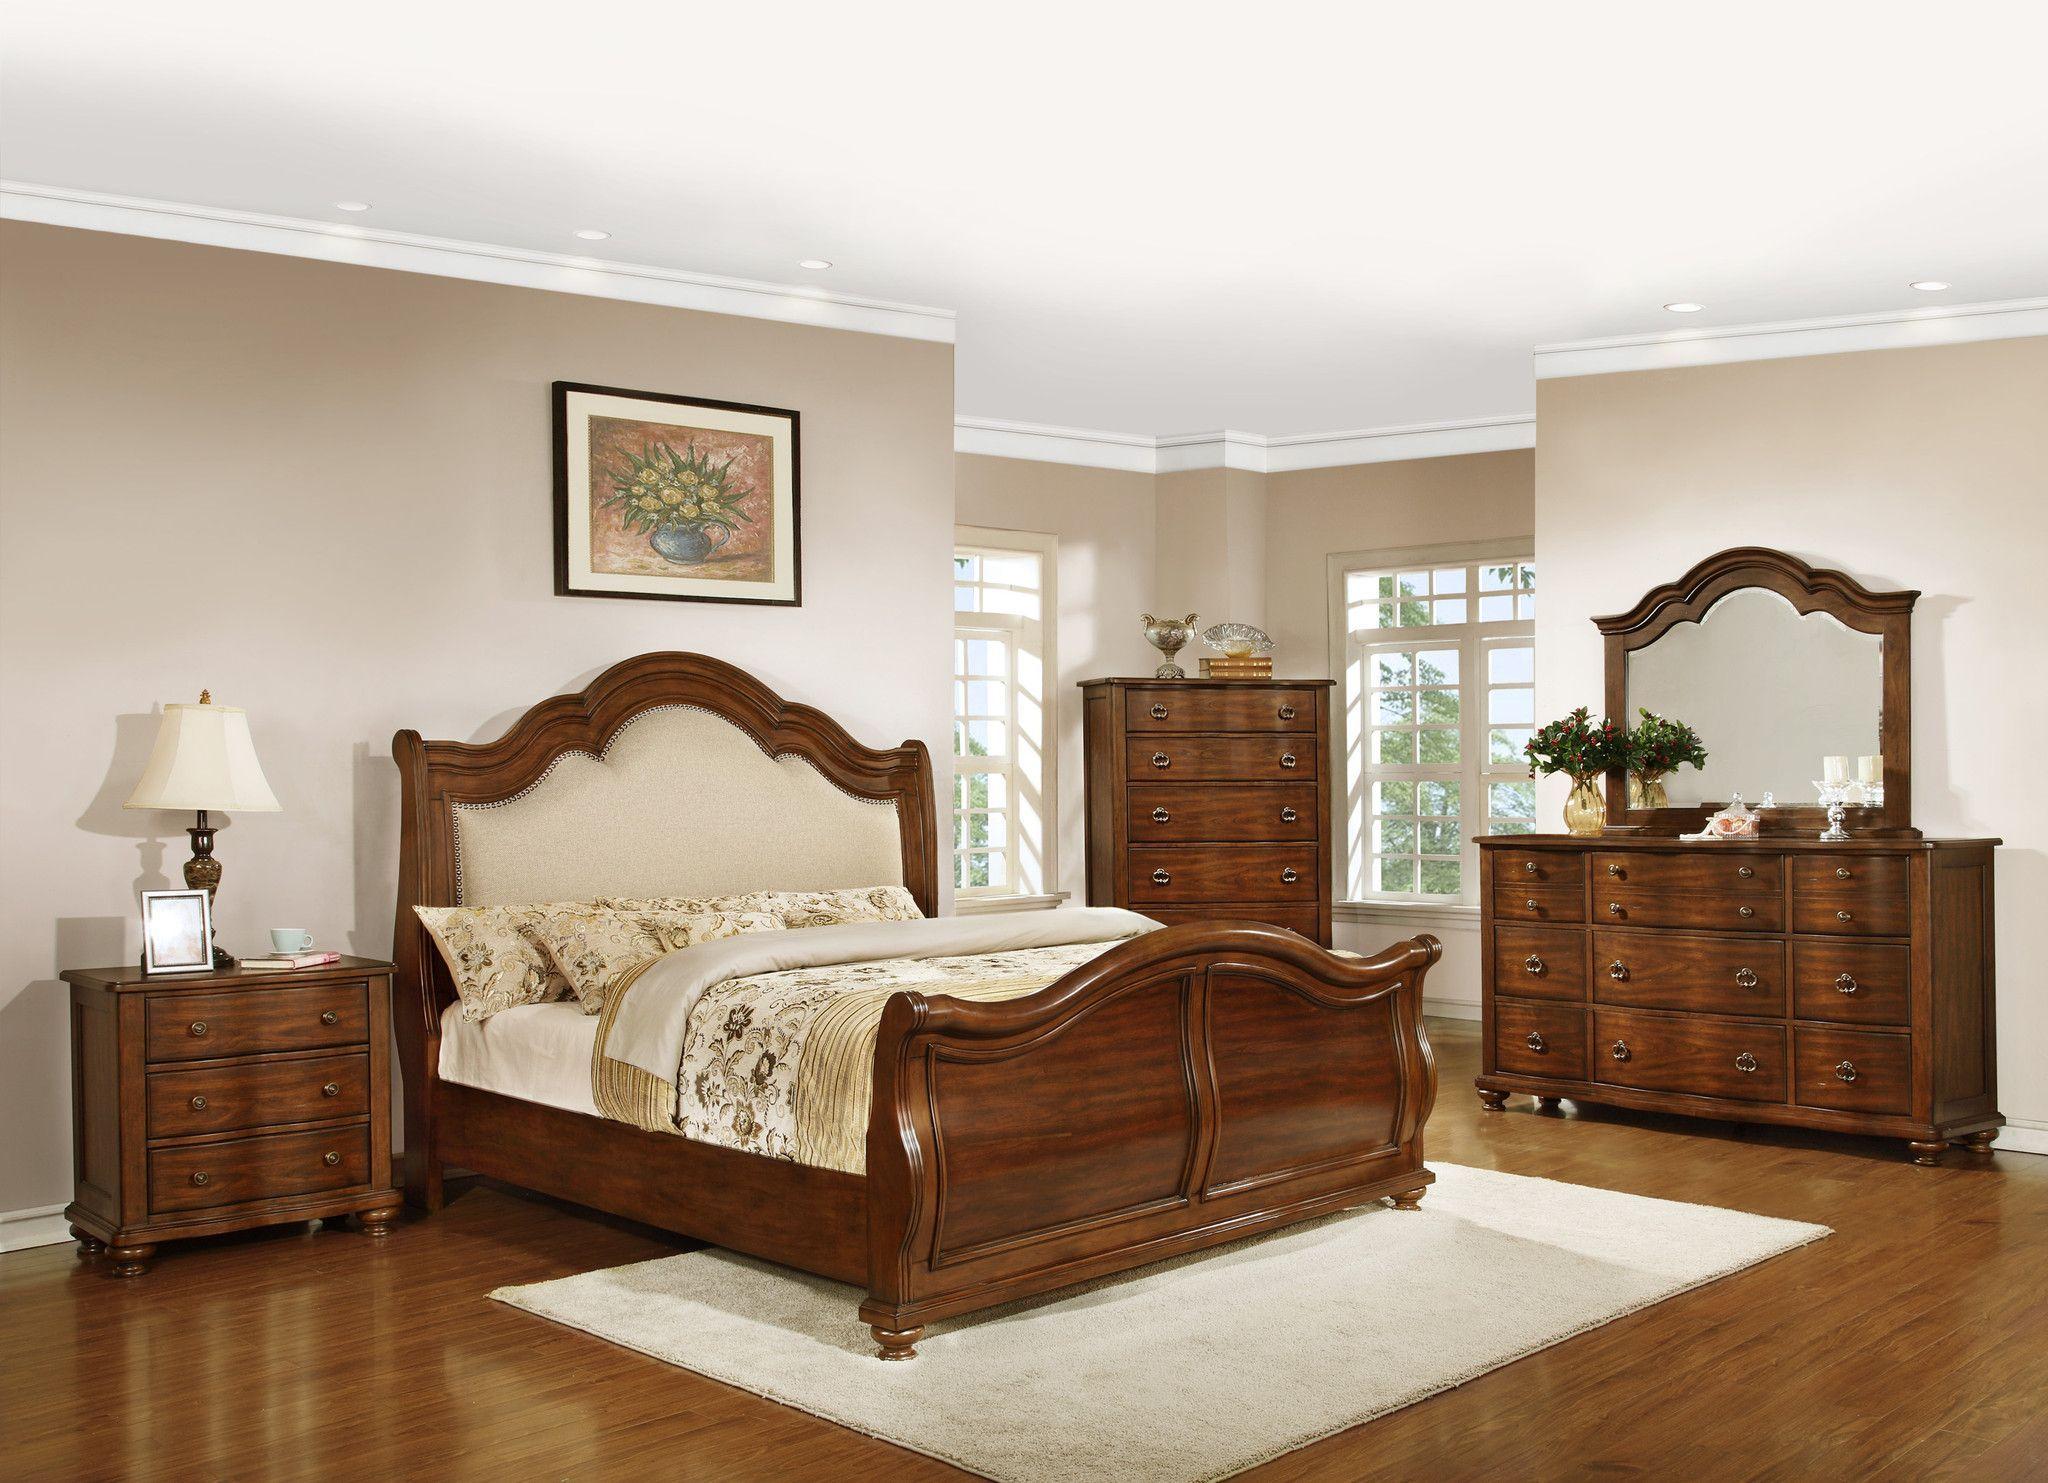 Davina 4Pc California King Bedroom Set 1837 Bedroom set